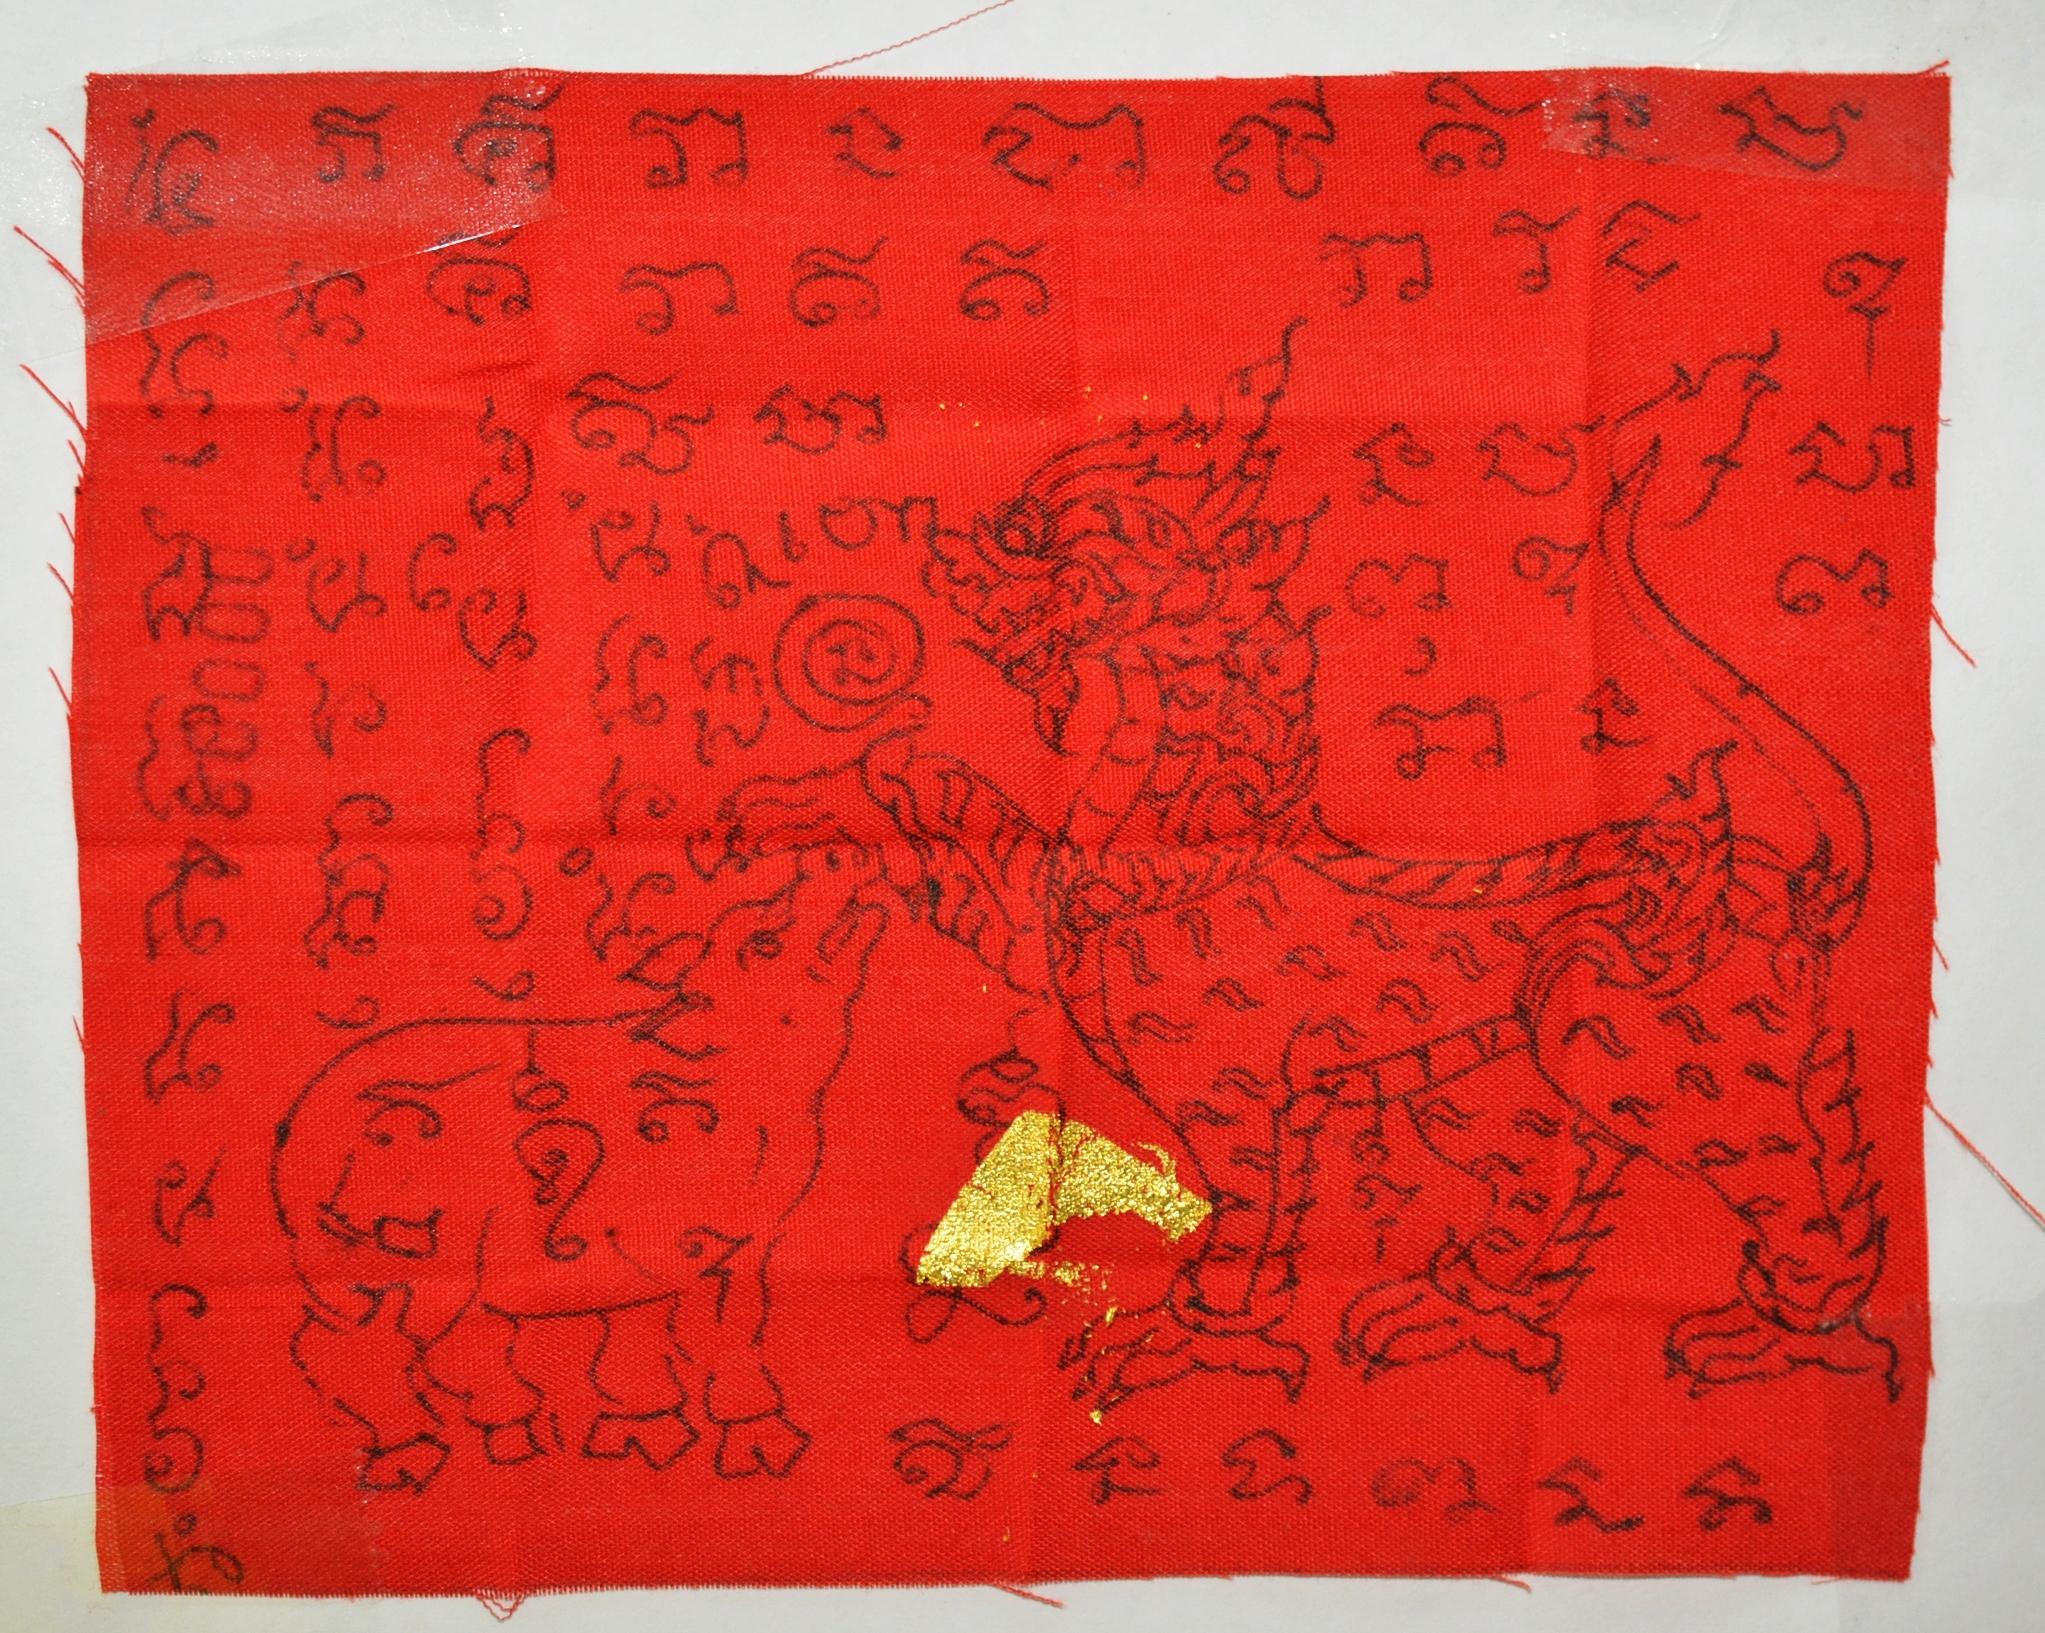 ผ้ายันต์สิงห์ป้อนเหยื่อเขียนมือ ปิดทอง หลวงพ่อแคล้ว วัดเรืองเวทย์มงคล